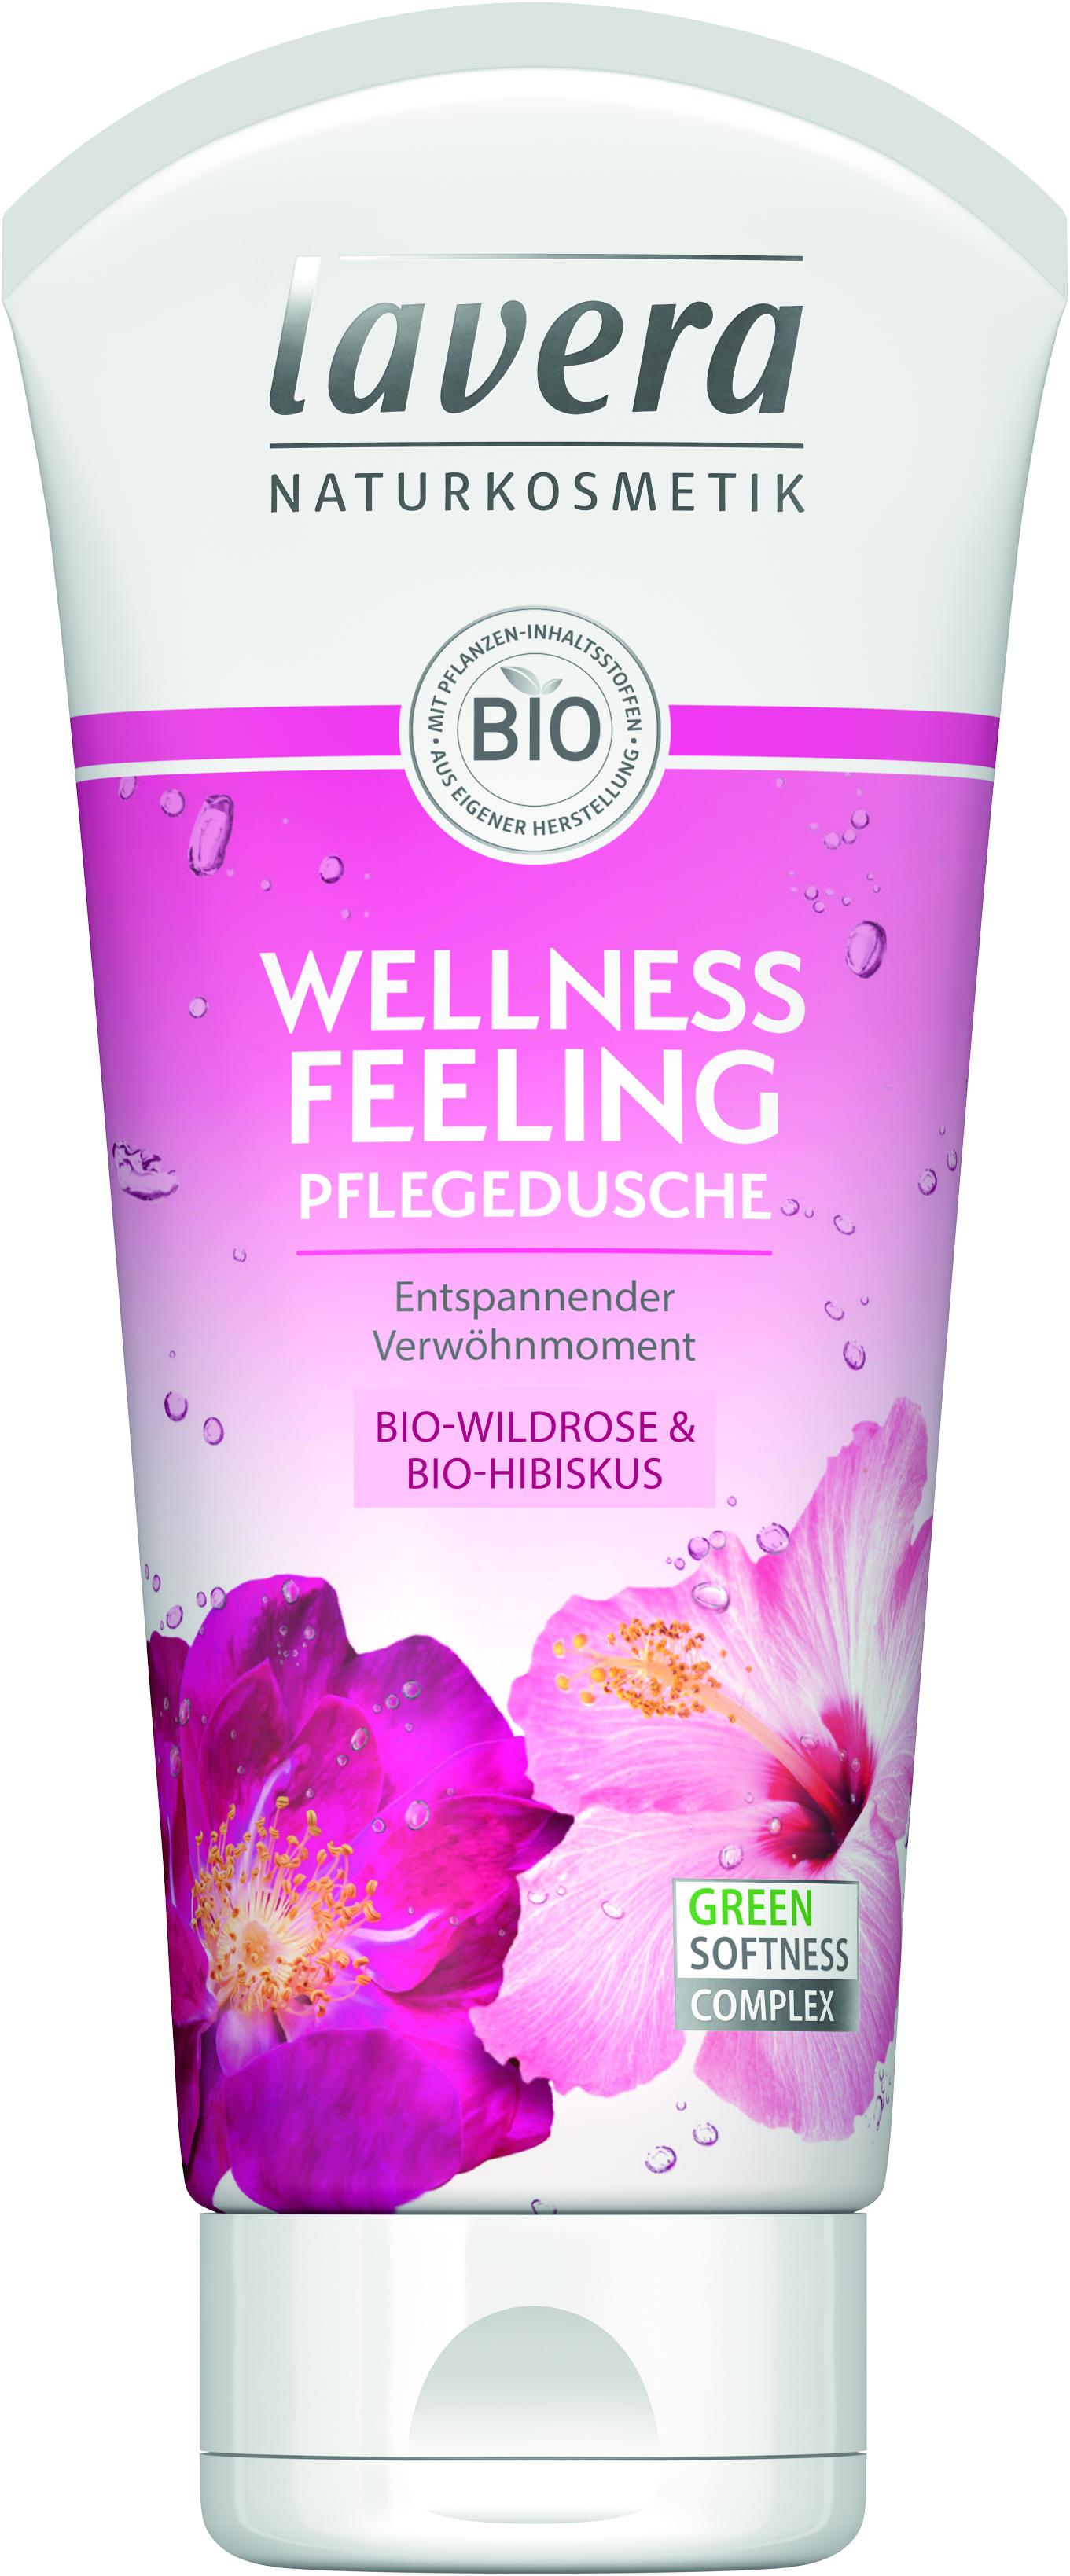 Wellness Feeling Pflegedusche